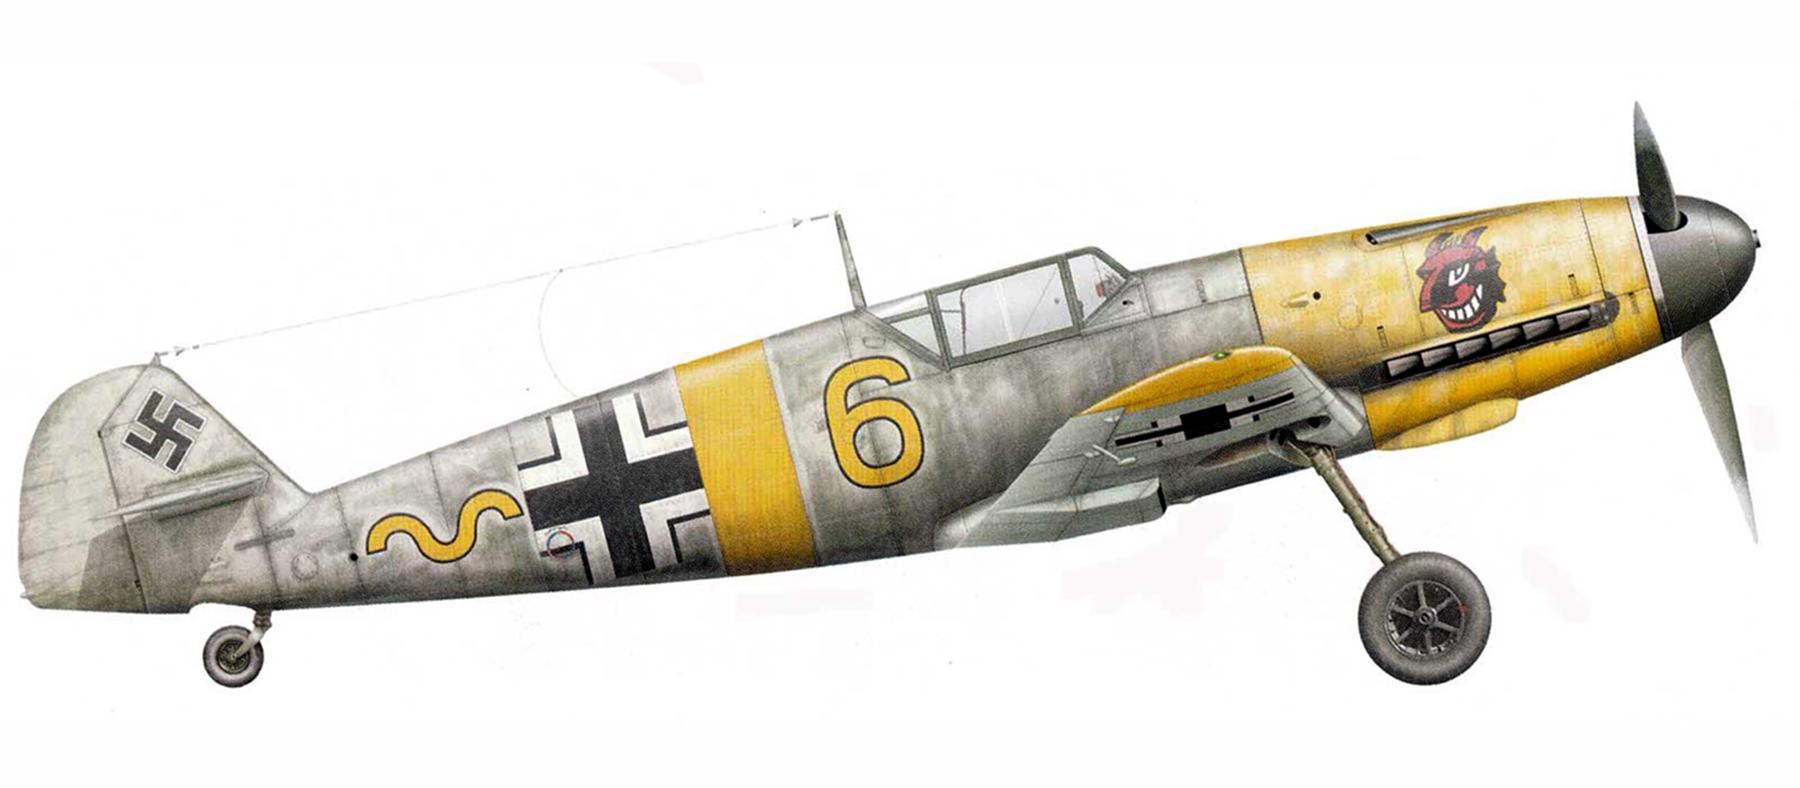 Messerschmitt Bf 109F 9.JG54 Yellow 6 Russia 1941 42 0A